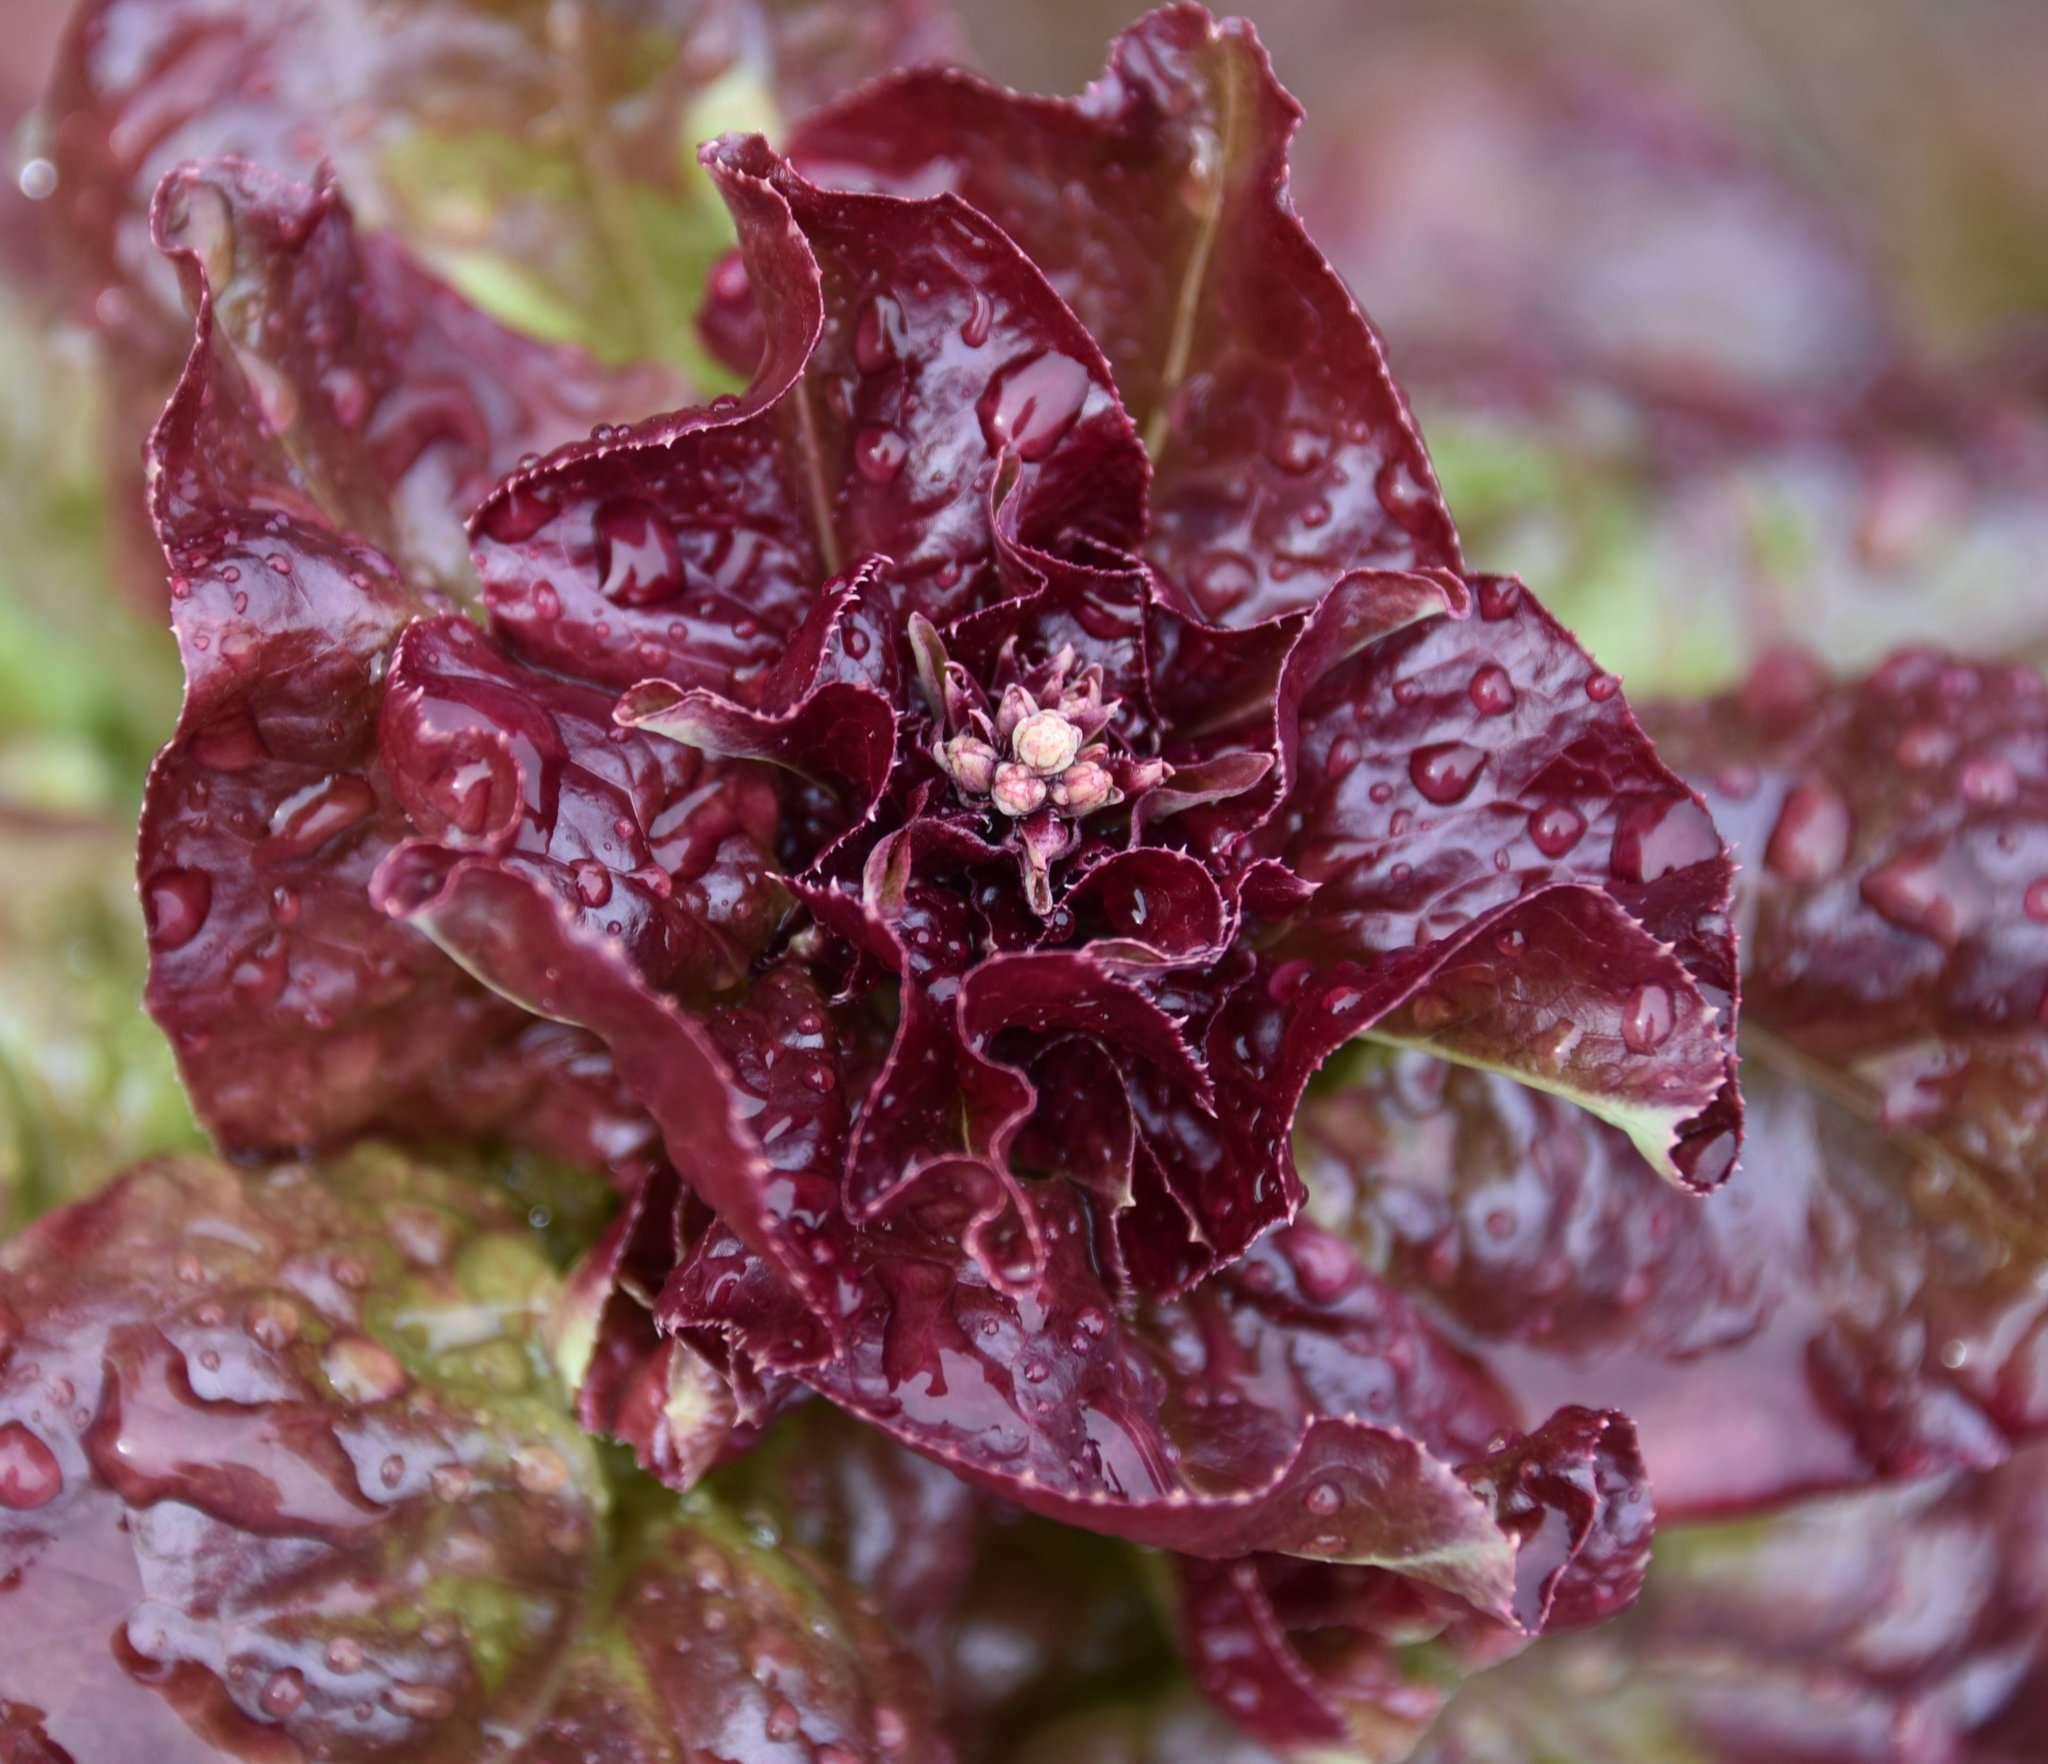 Faszinierend: Salate entwickeln Blüten. Aber andererseits: Wie sonst sollten sich die Pflanzen fortpflanzen?